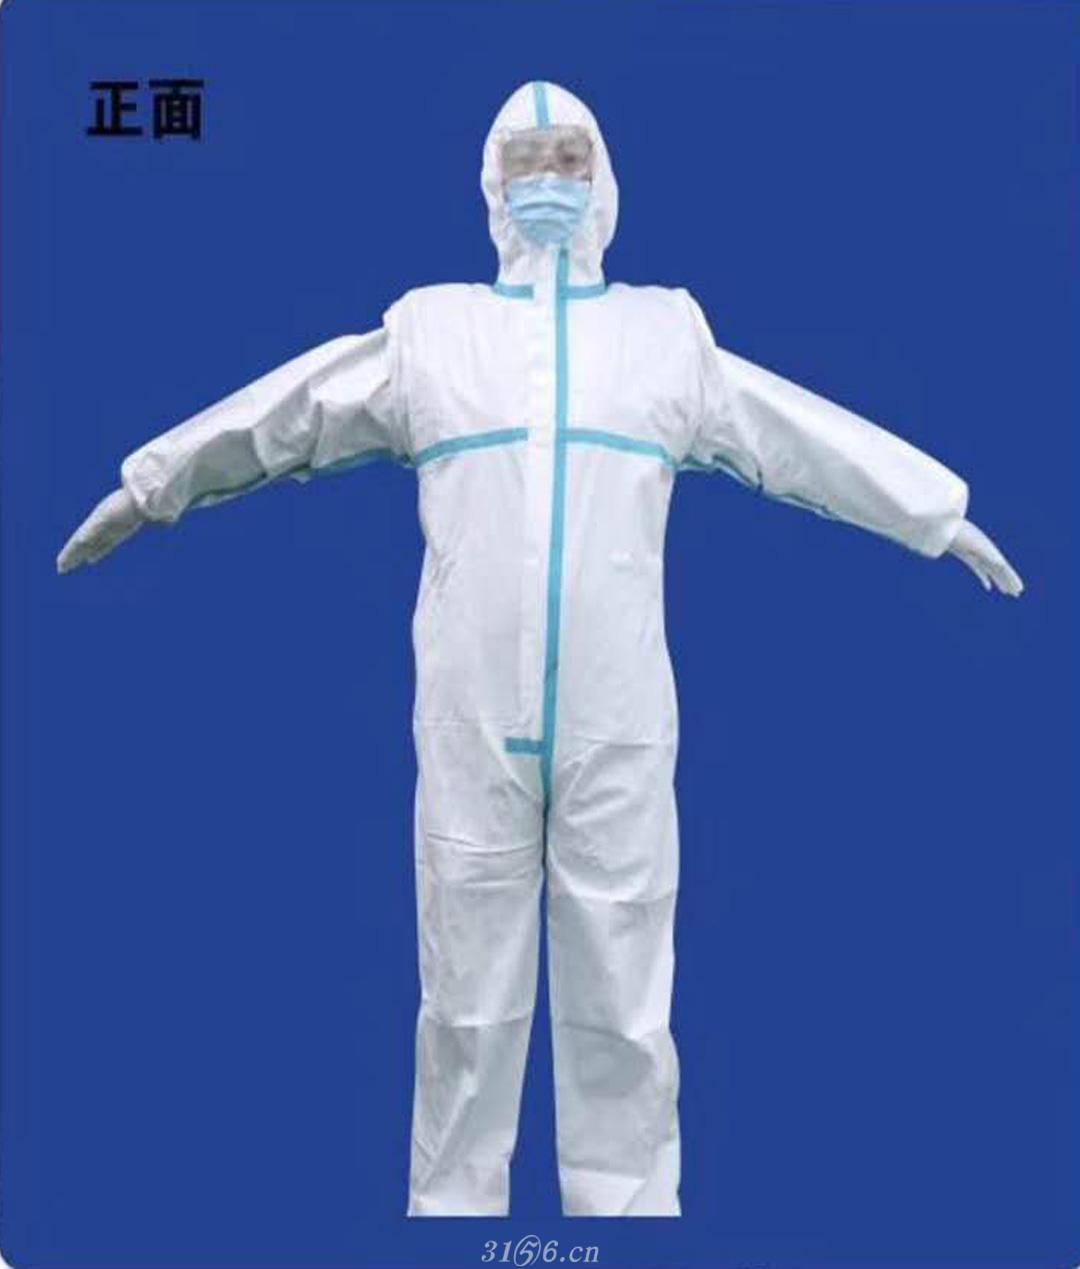 医用连体式隔离衣、防护服(可出口)